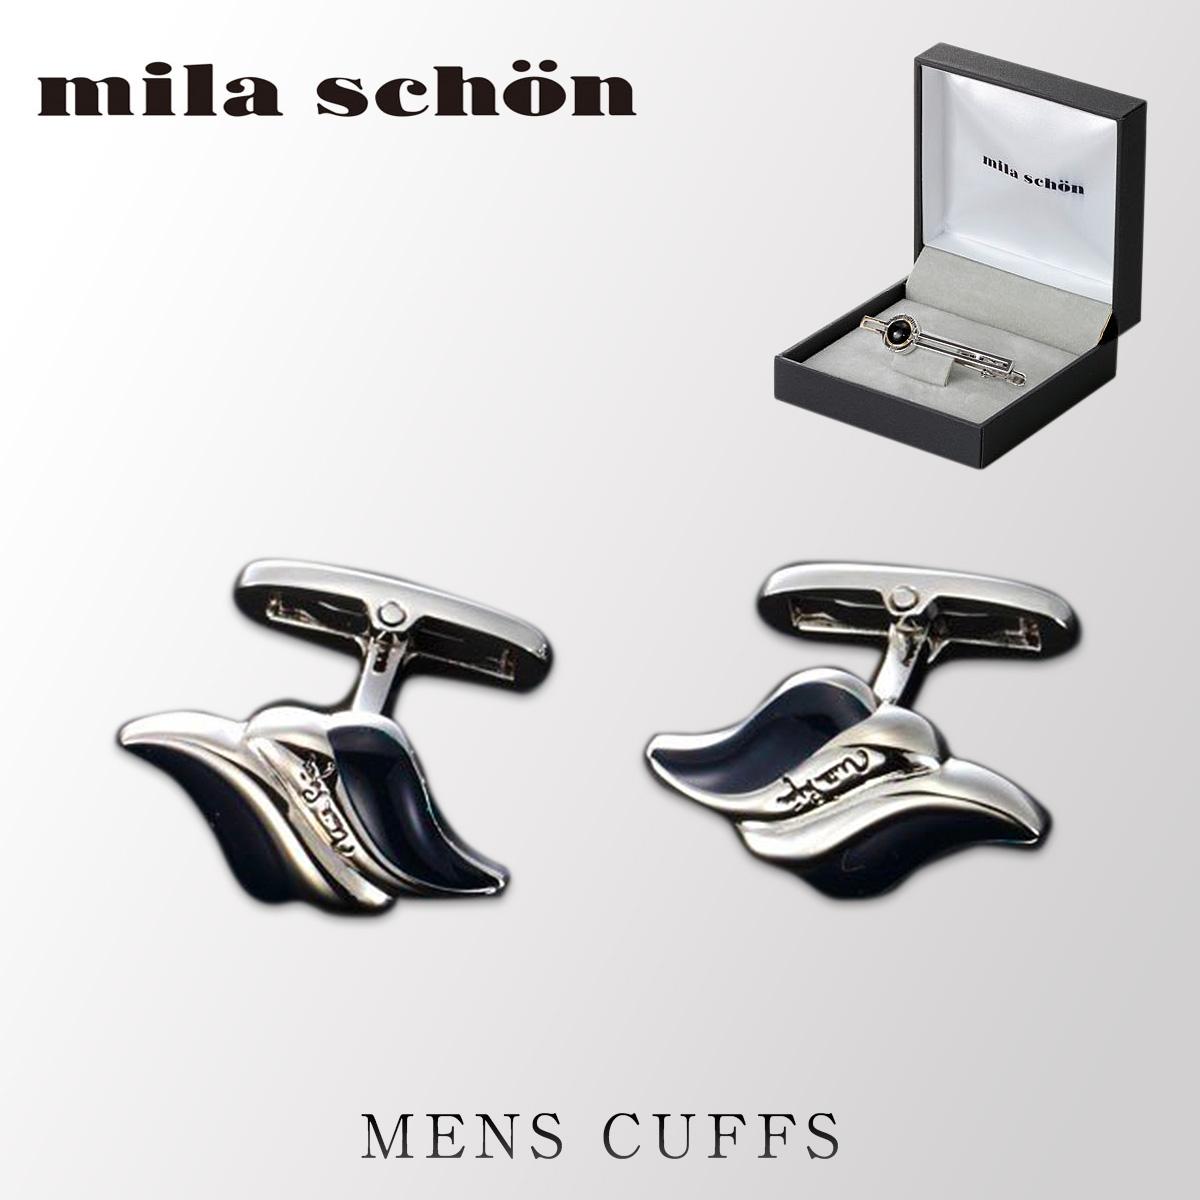 カフス カフスボタン ミラショーン MSC-12249 メンズファッション ギフト プレゼント 贈り物 人気